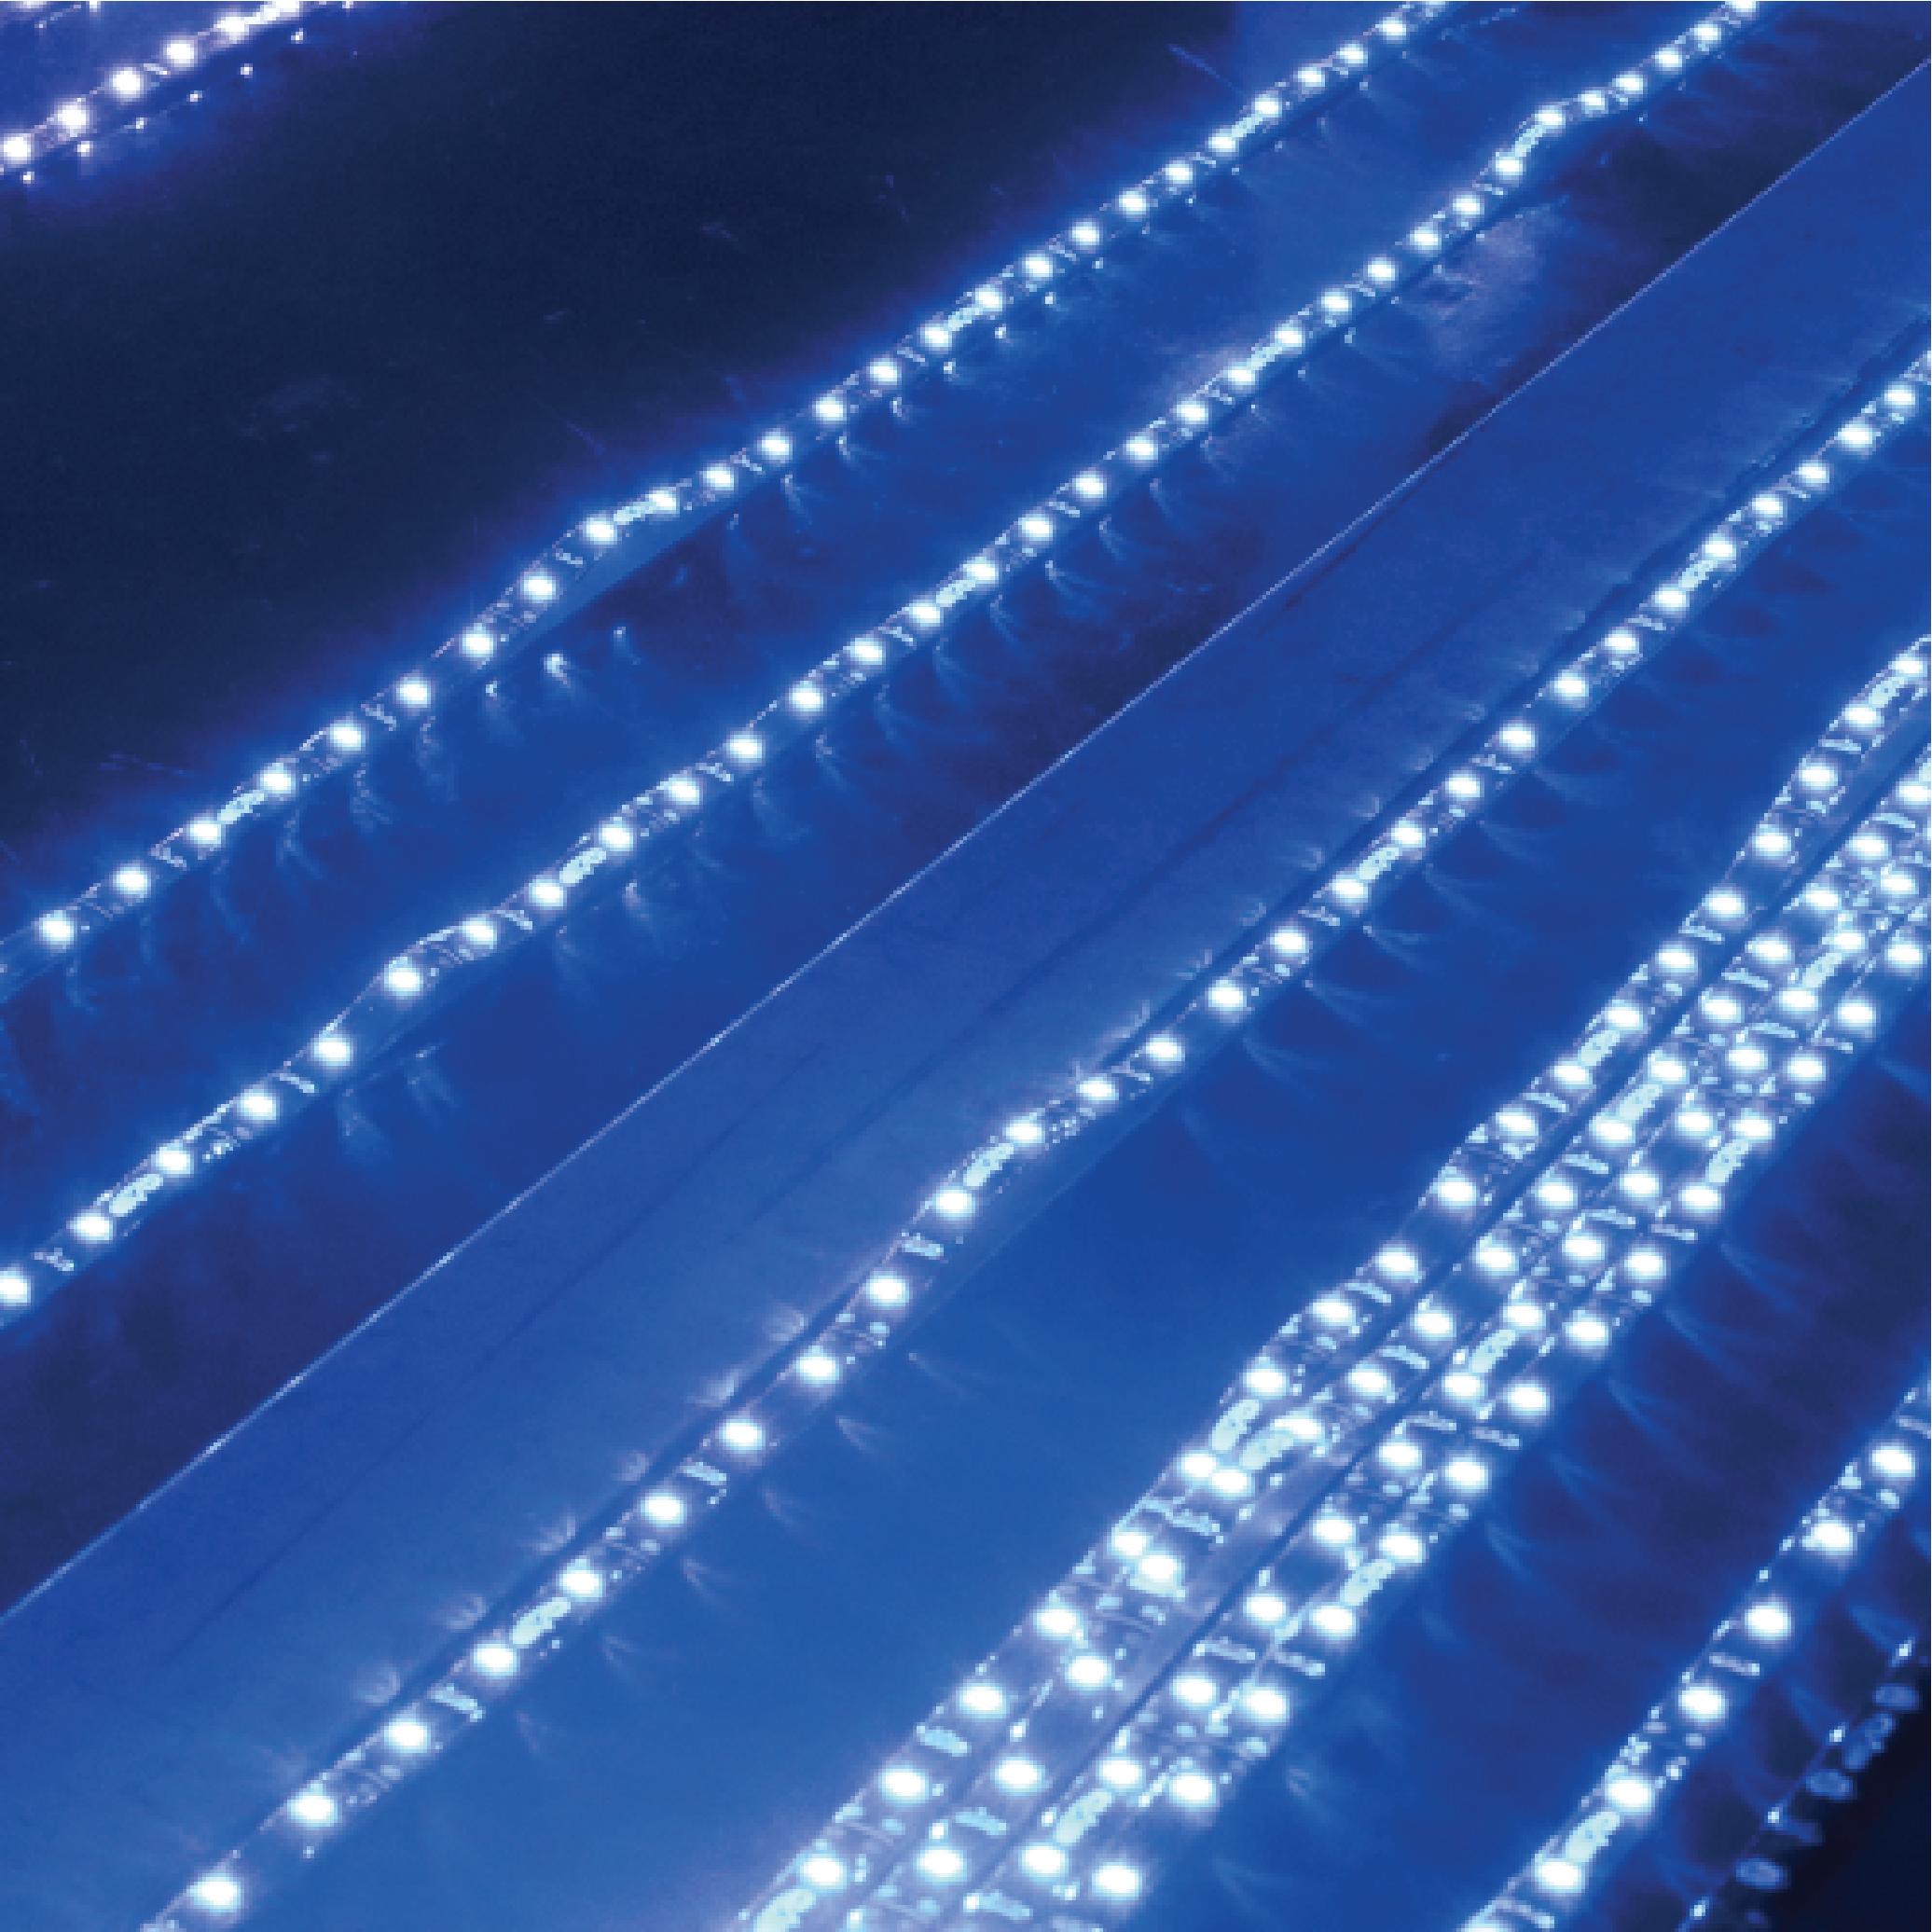 led phanteks innovative computer light lights tape img design ledkt hardware ph